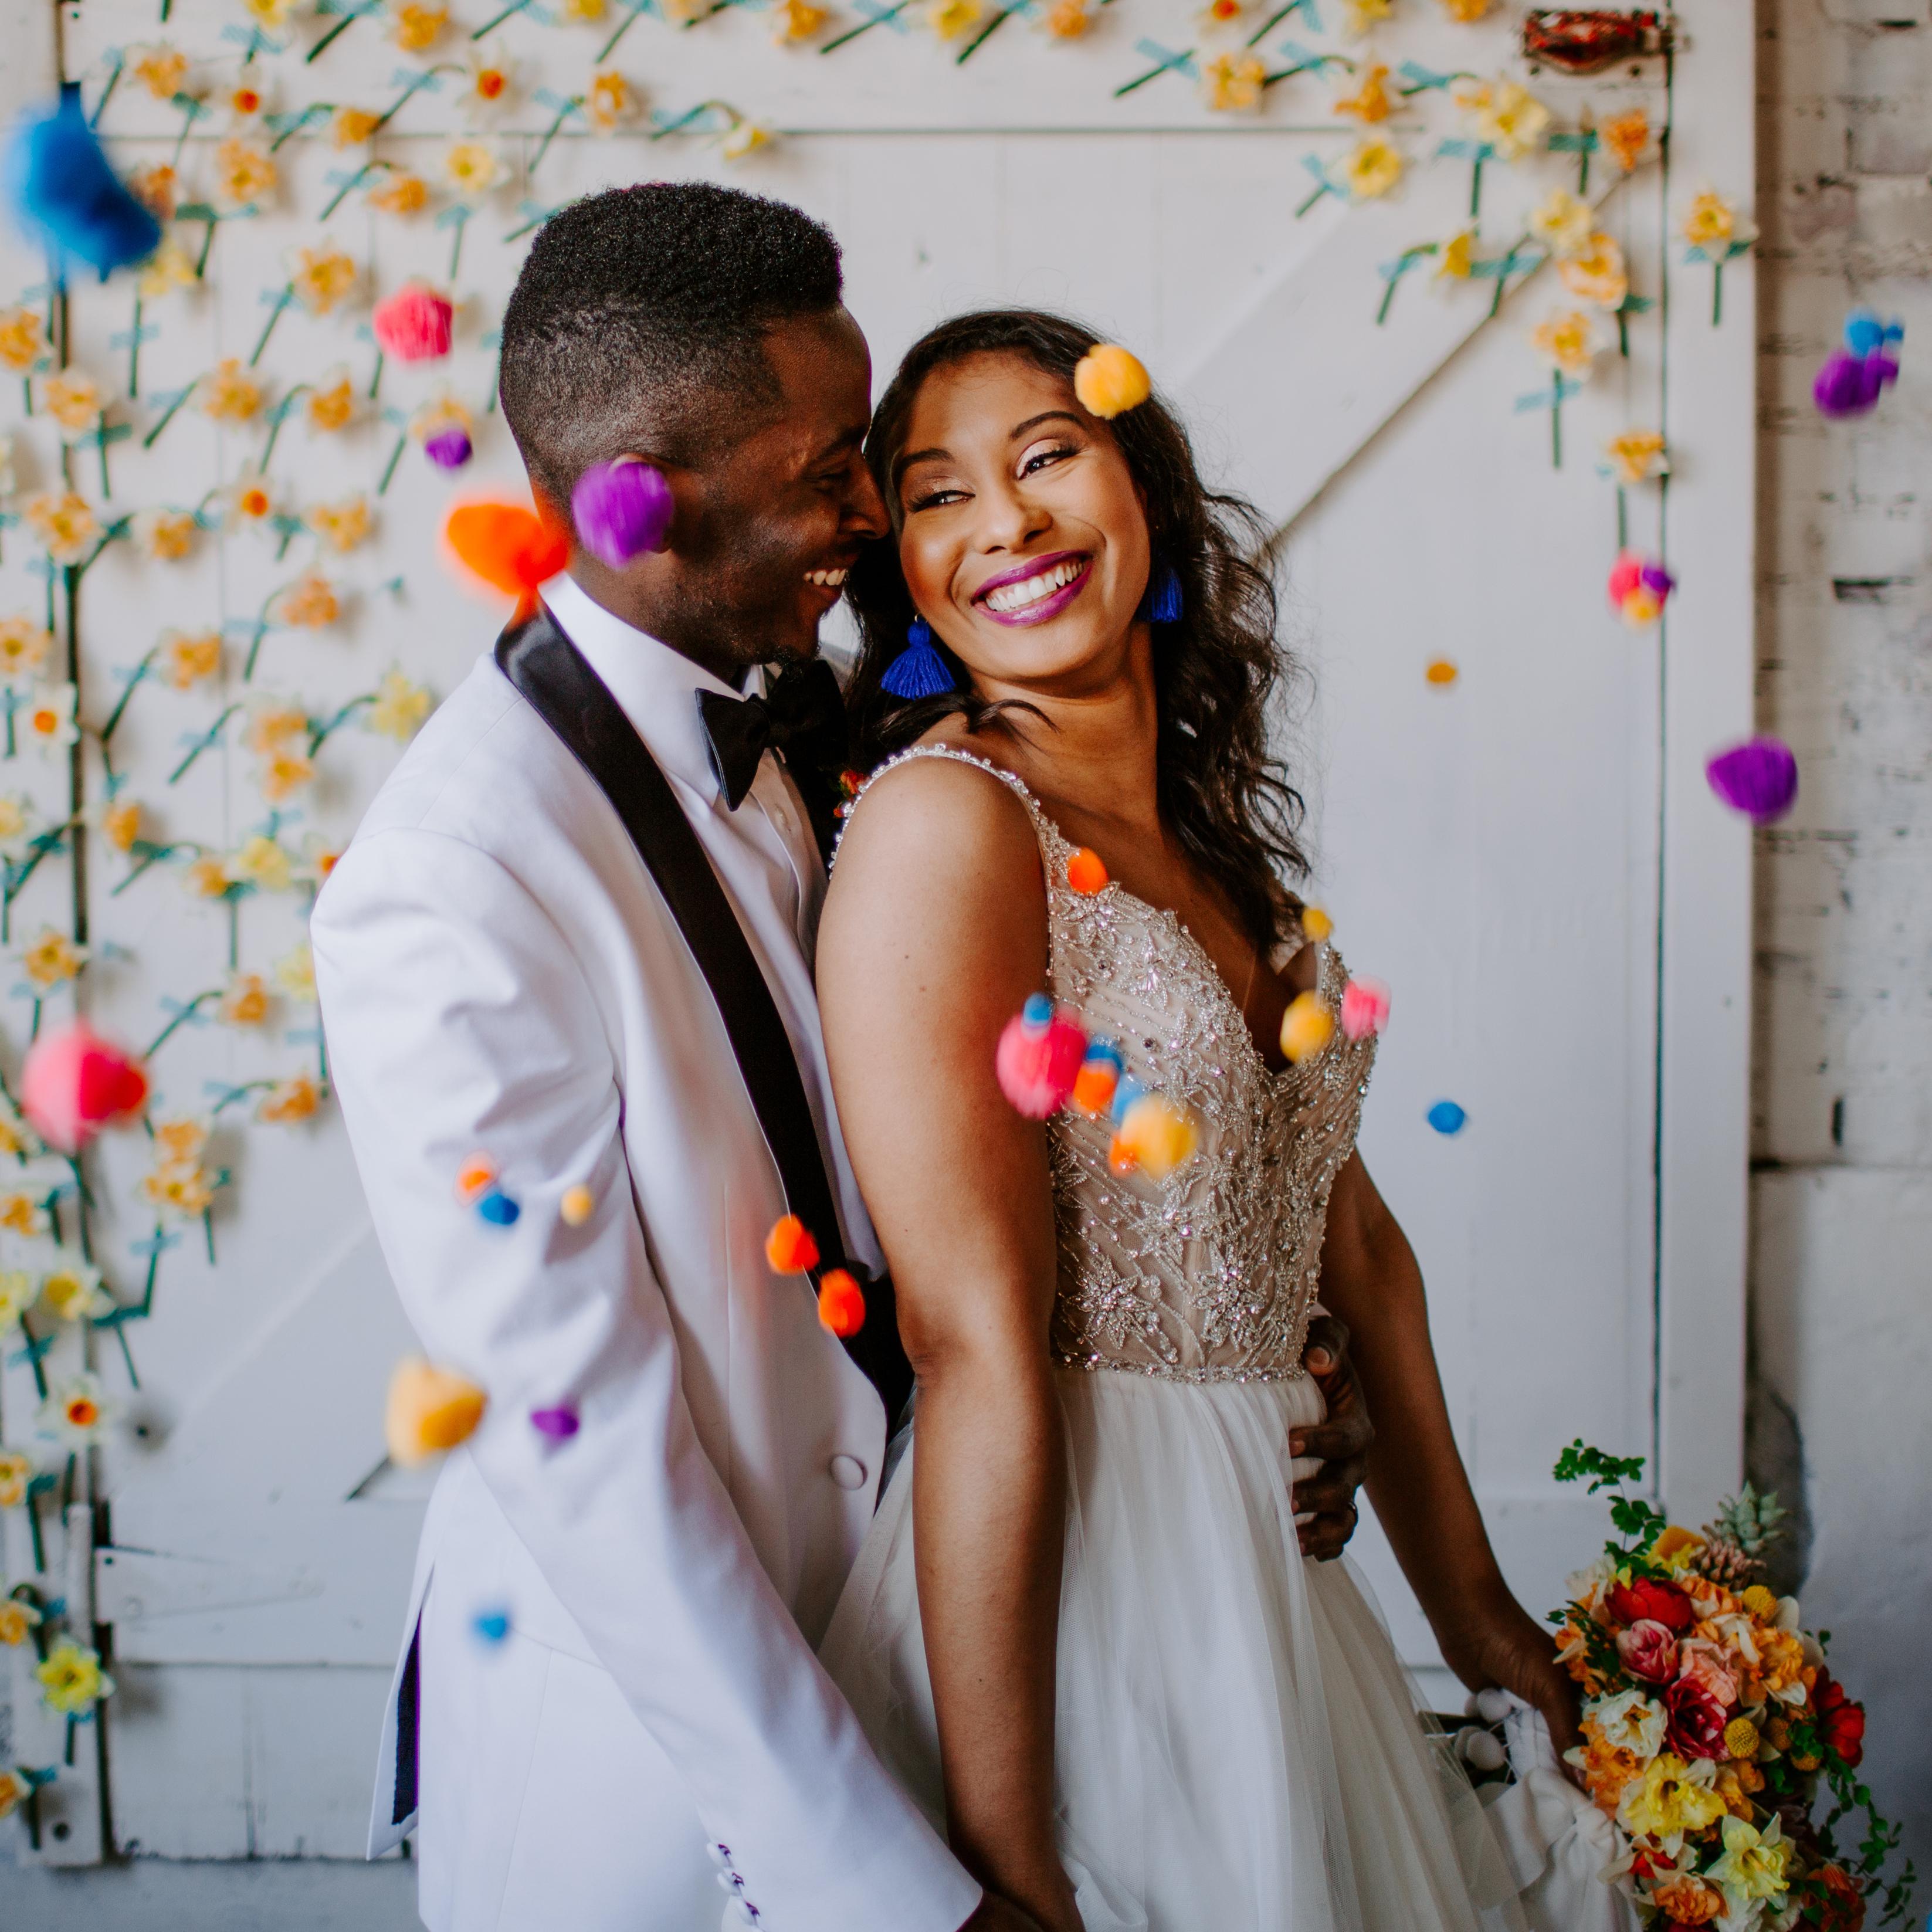 Bride blowing confetti at camera